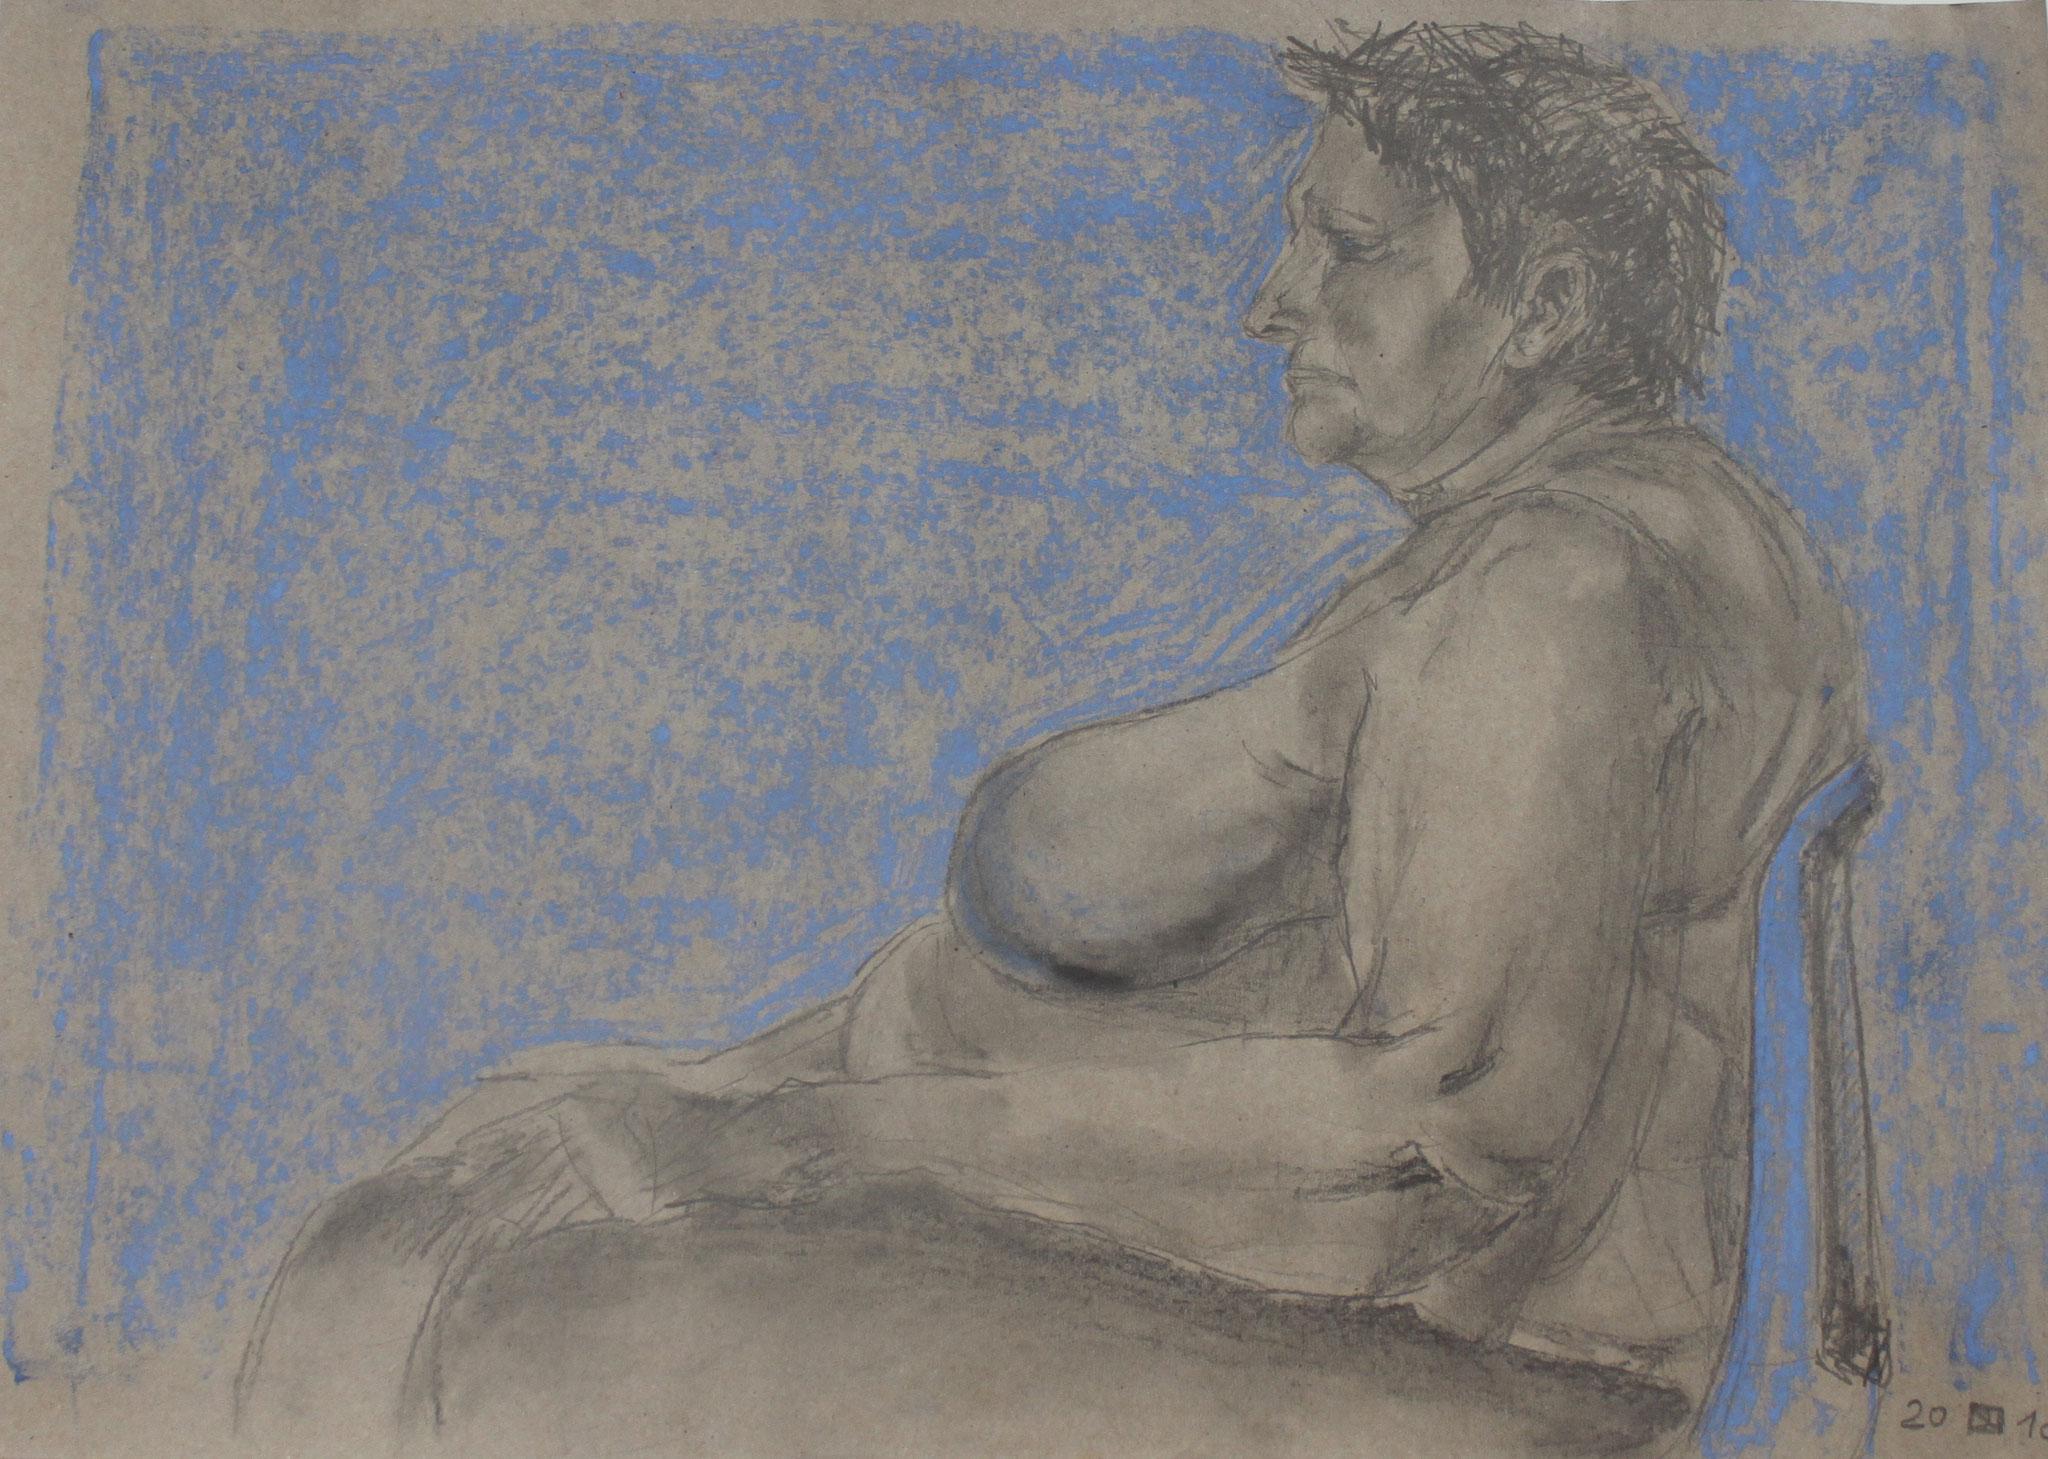 Die blaue Wand, Bleistift und Pastellkreide auf Papier, 2018, 42 cm x 60 cm